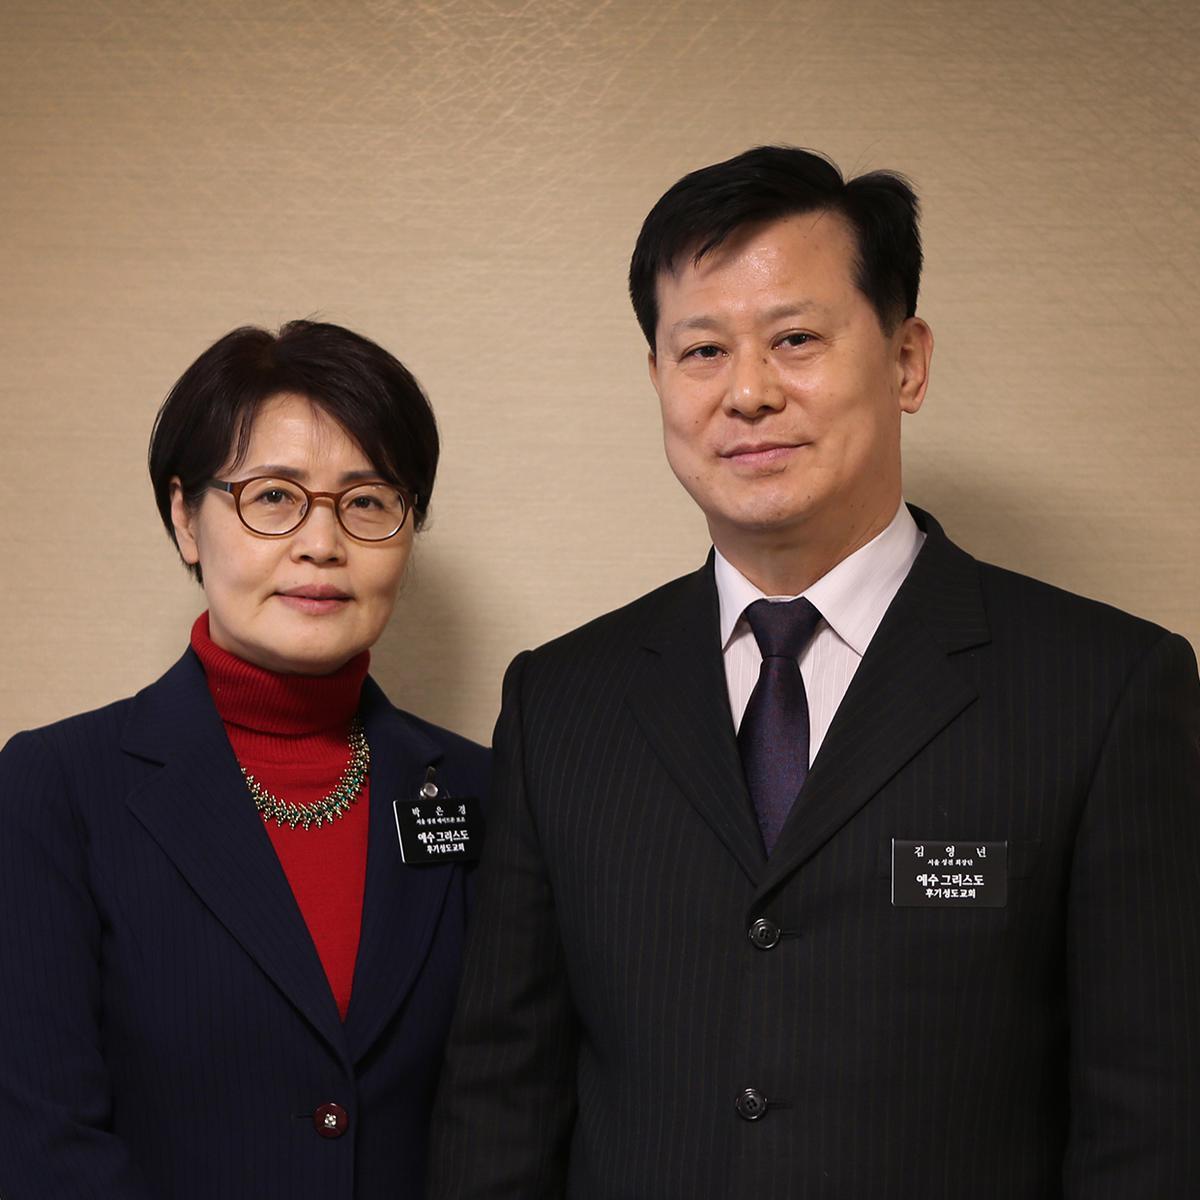 서울 성전 회장단 제1보좌